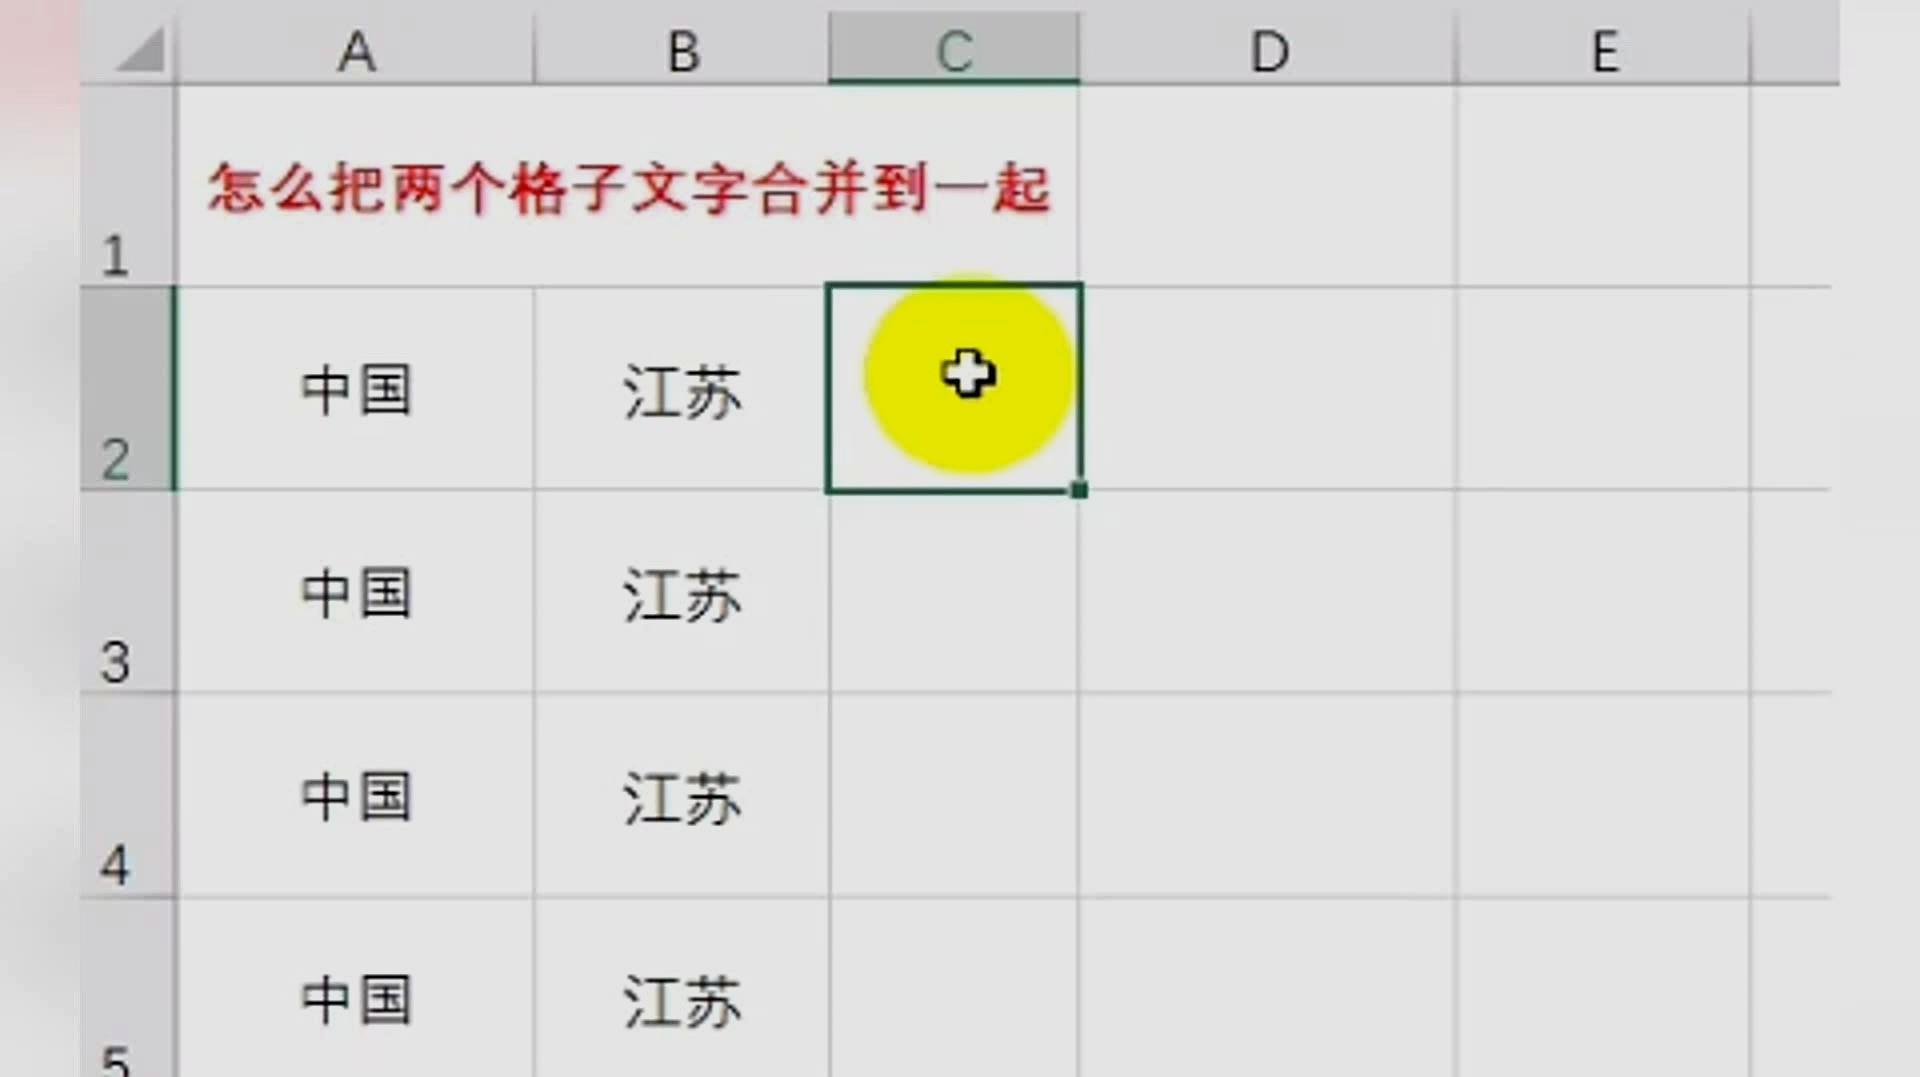 Excel小课堂:快速把两个格子文字合并到一起,一键搞定太神奇